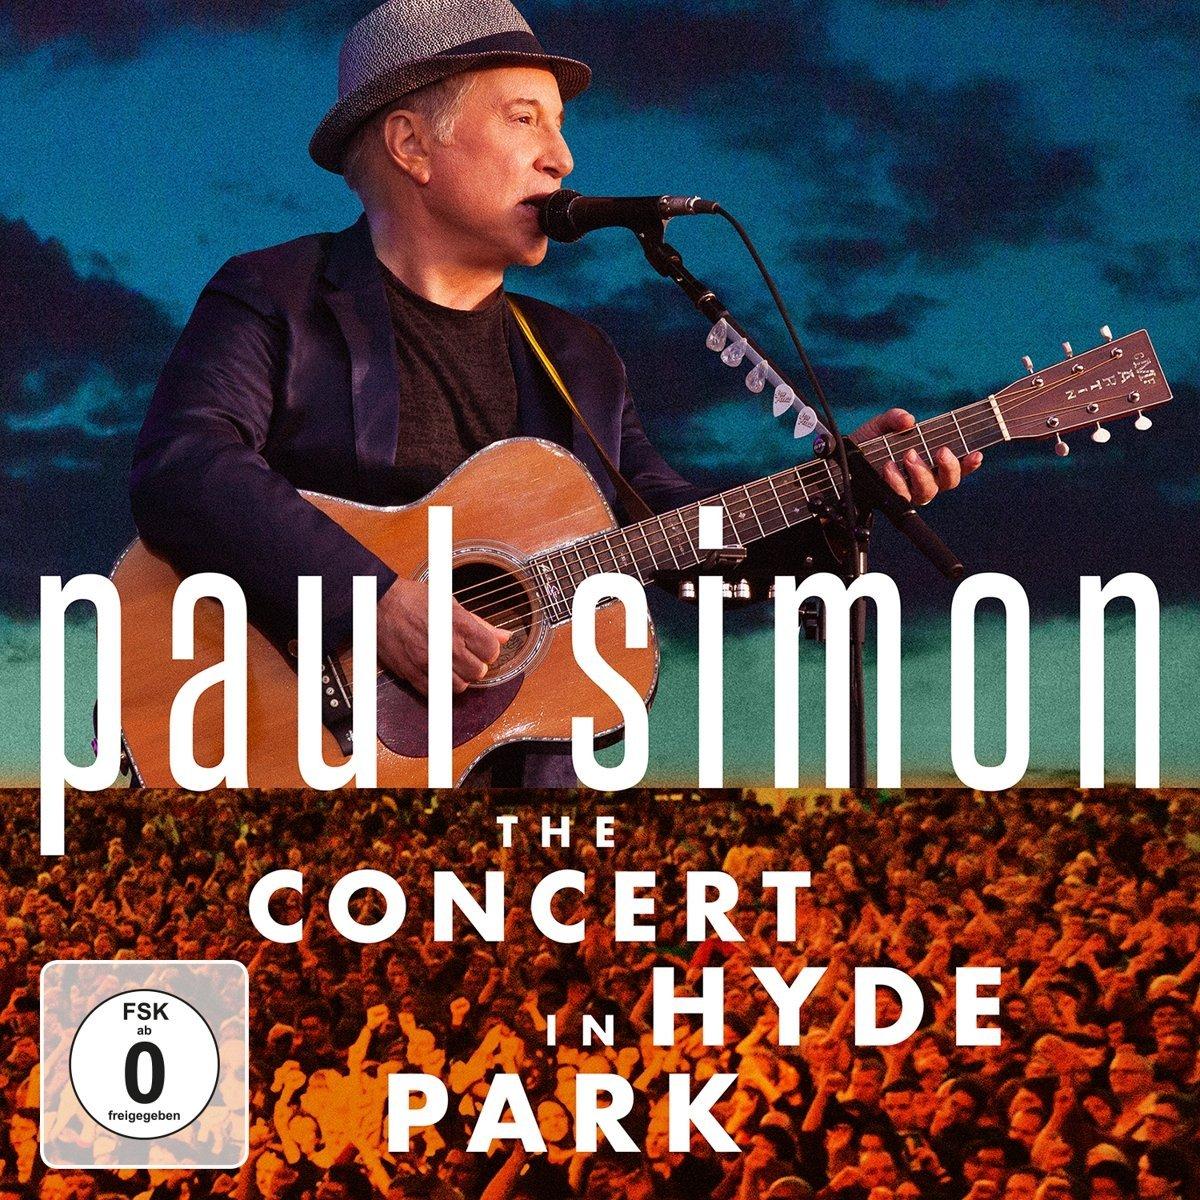 Paul Simon Touring Band